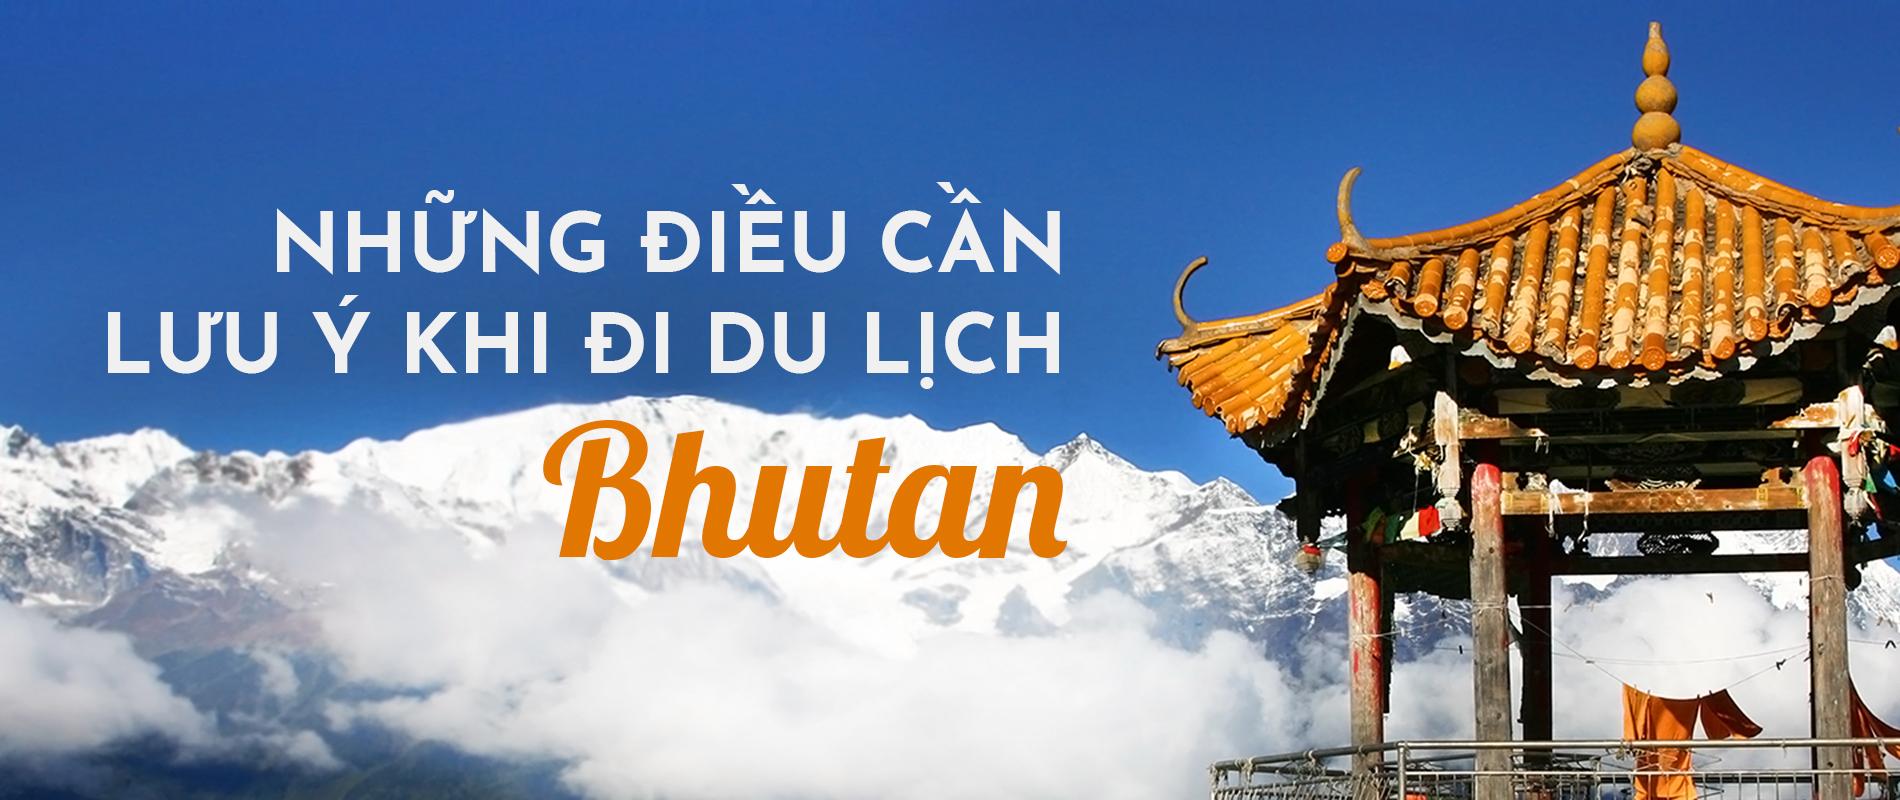 Những điều cần lưu ý khi du lịch Bhutan